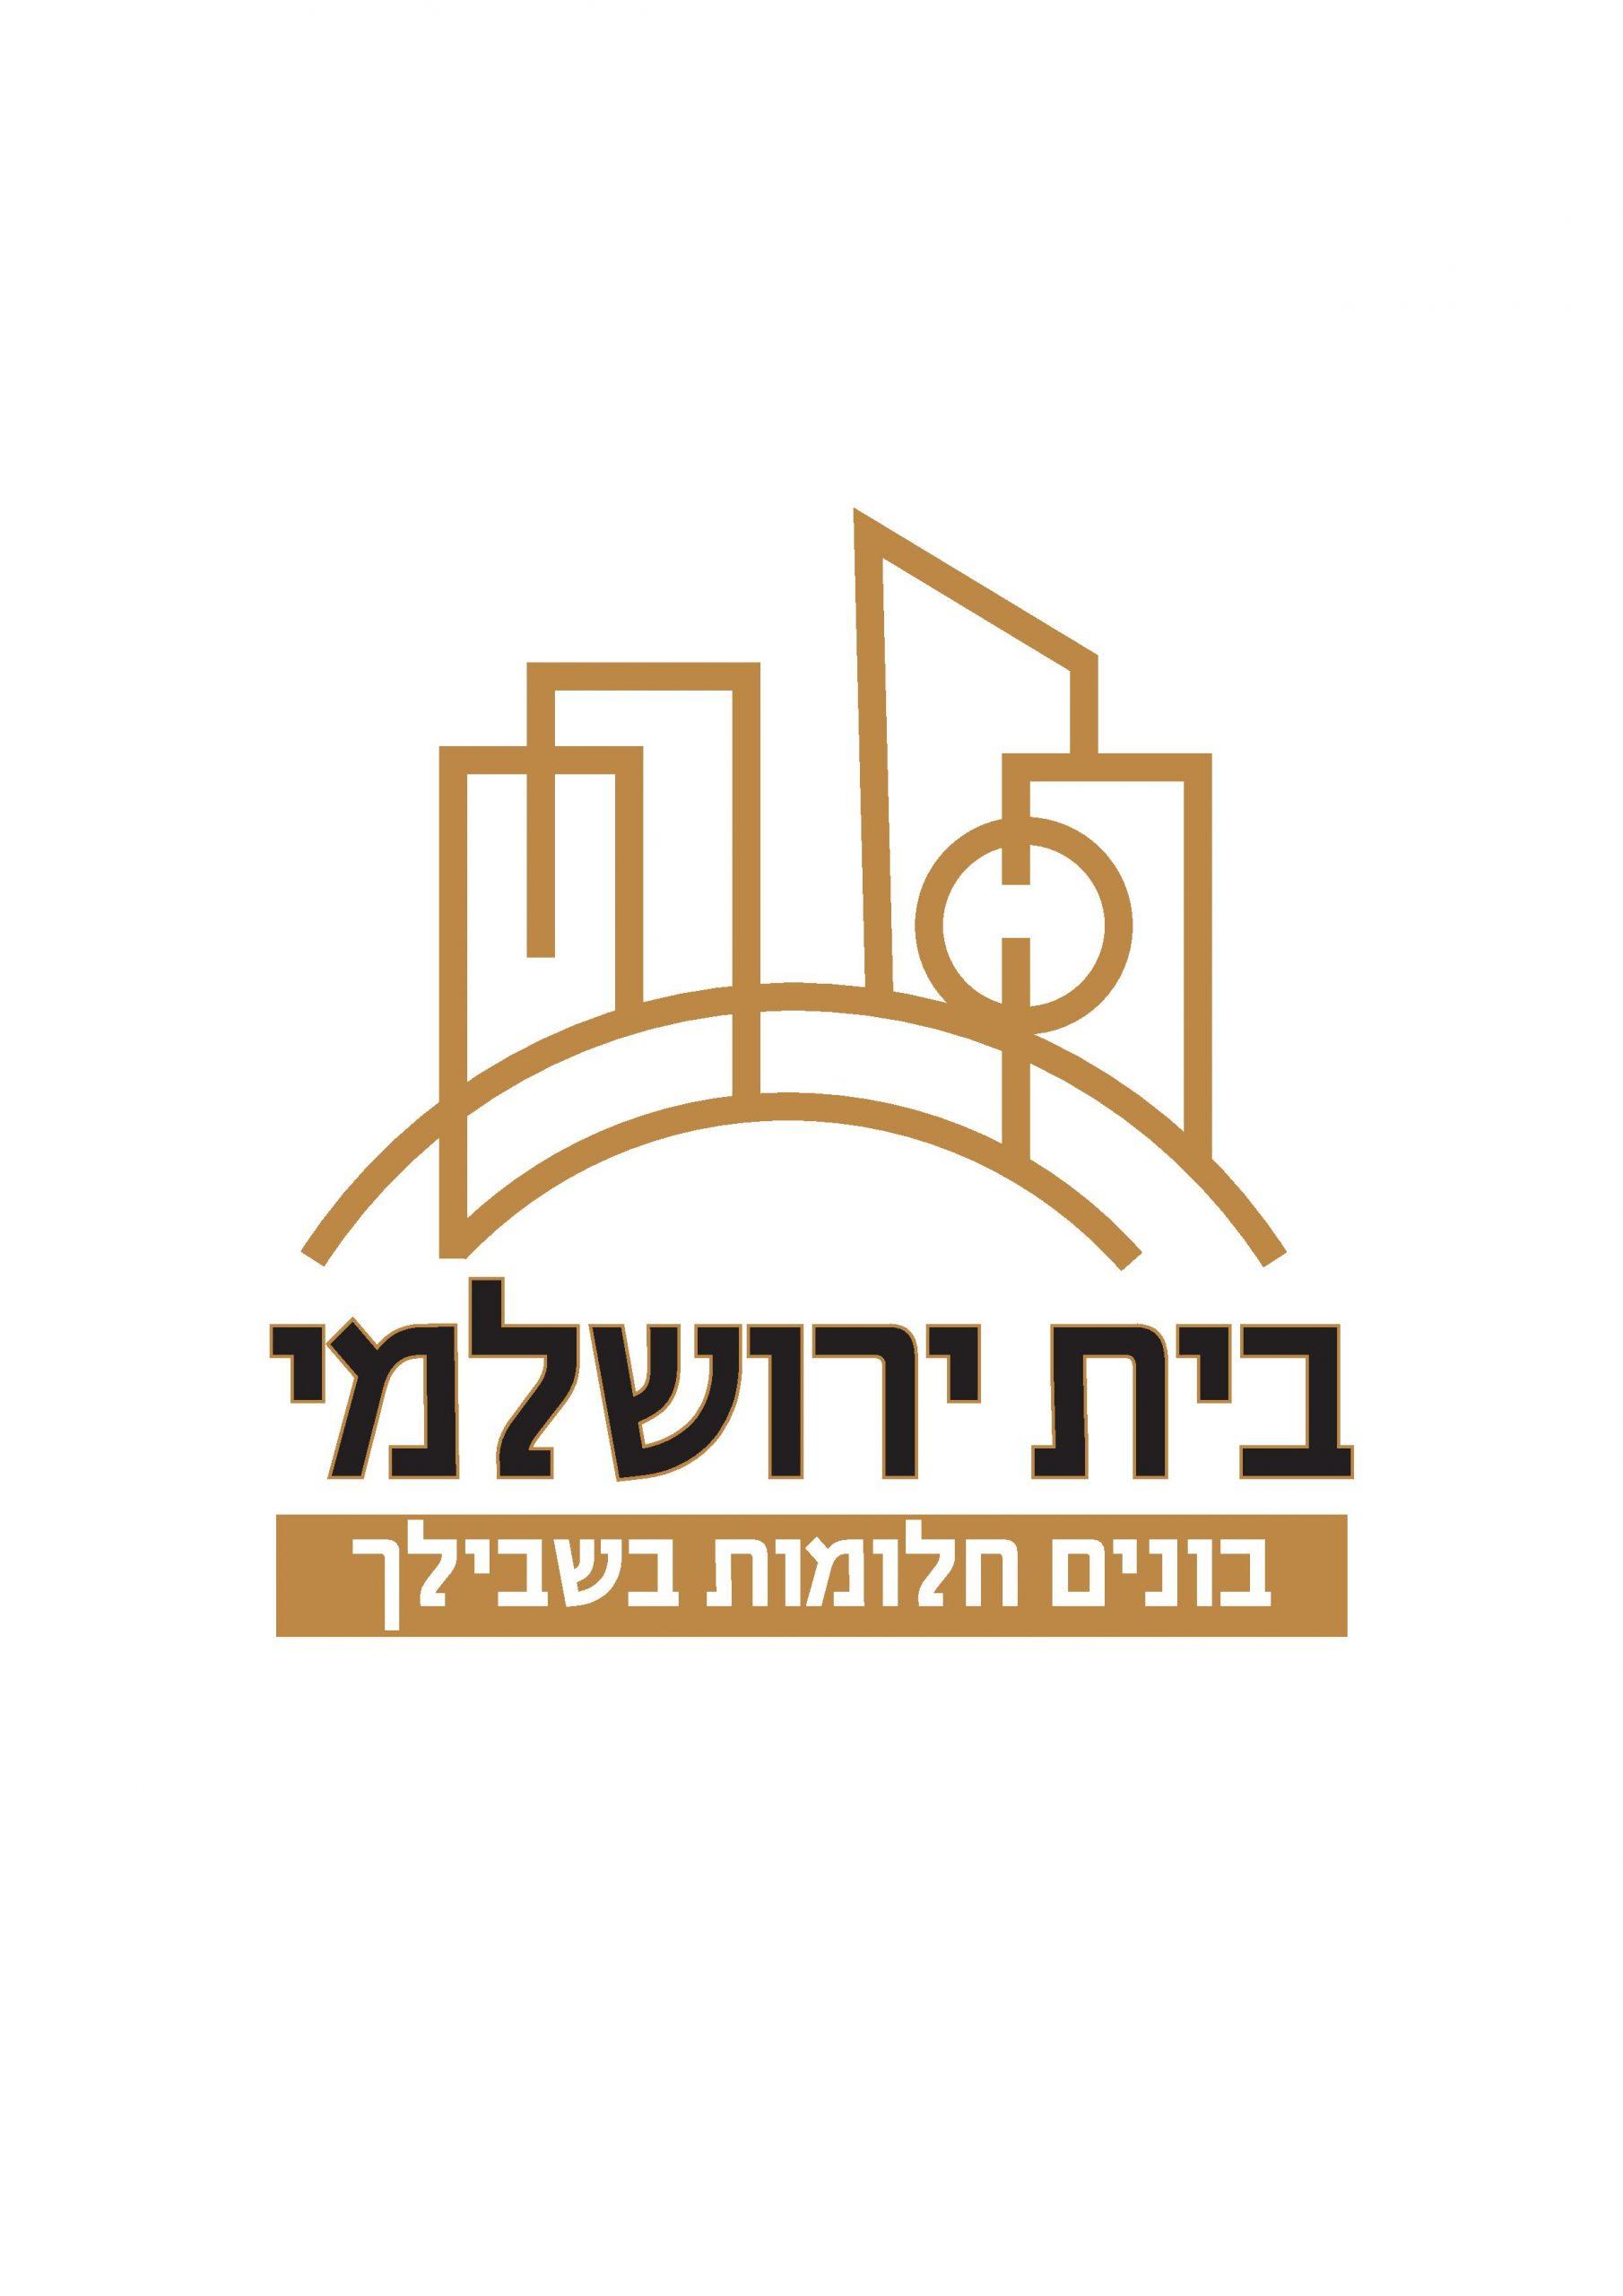 לוגו בית ירושלמי